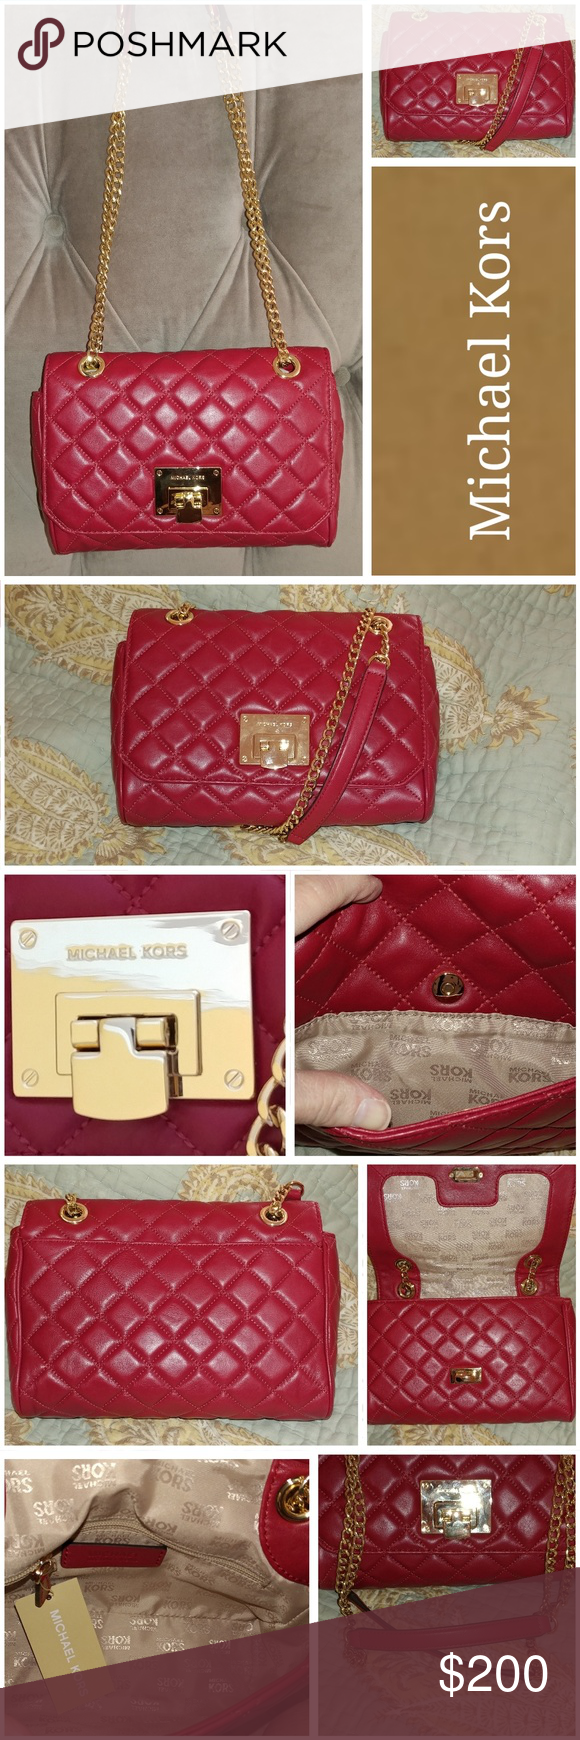 NWT Michael Kors Vivianne Shoulder Flap Bag Color: Cherry